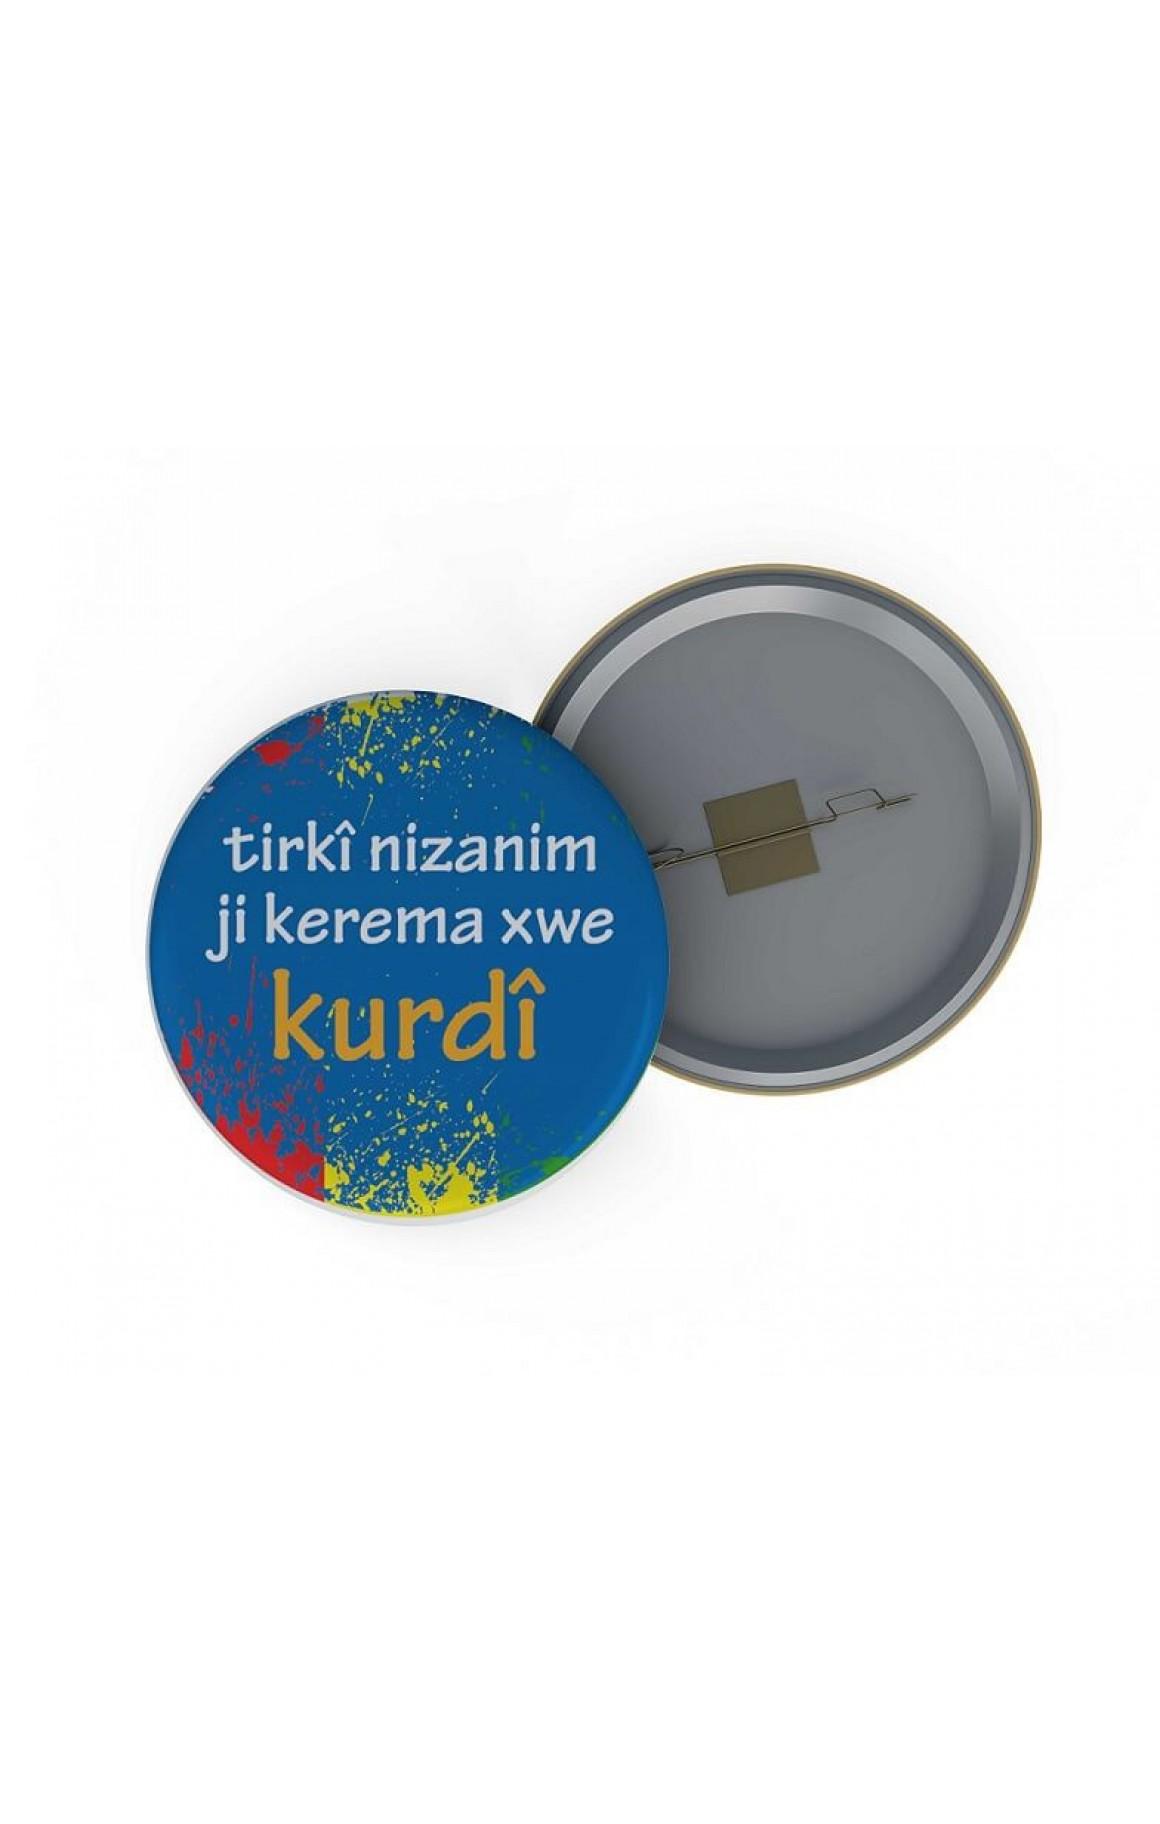 Rozet - tirkî nizanim ji kerema xwe kurdî